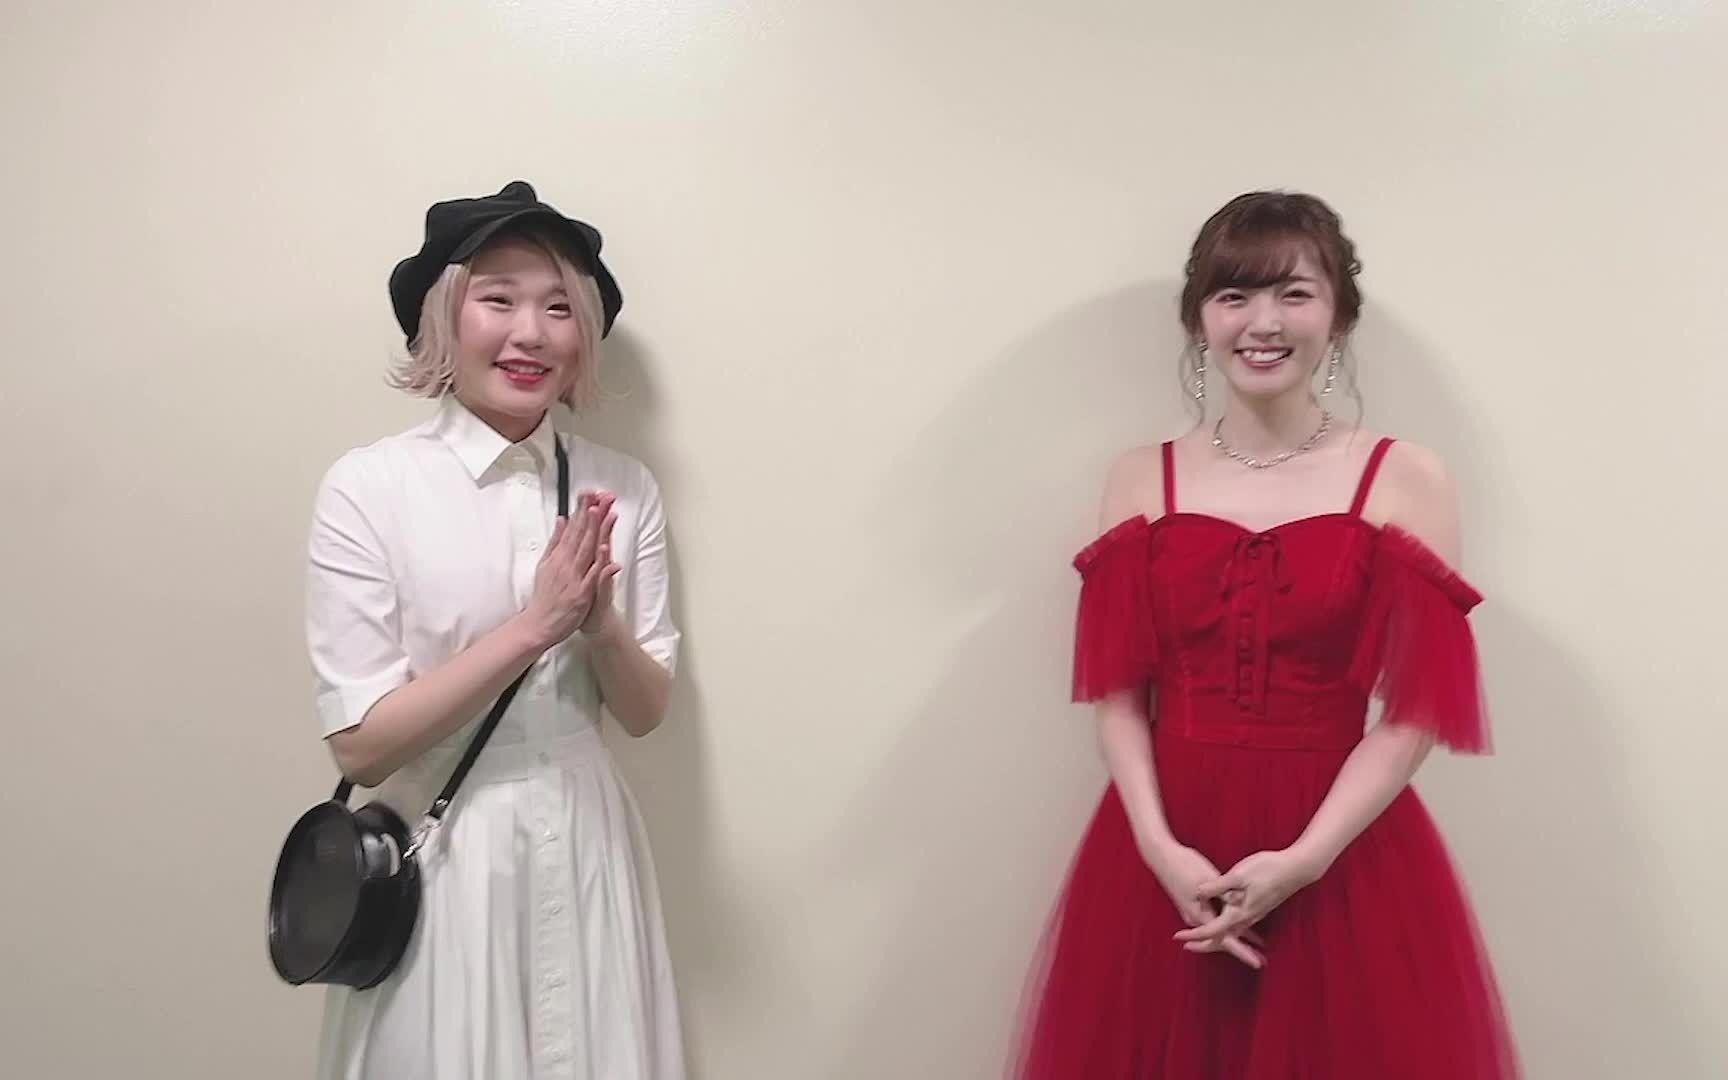 【鈴木愛理さん】憧れの人とコラボが実現しました…!【NHKうたコン】 - YouTube